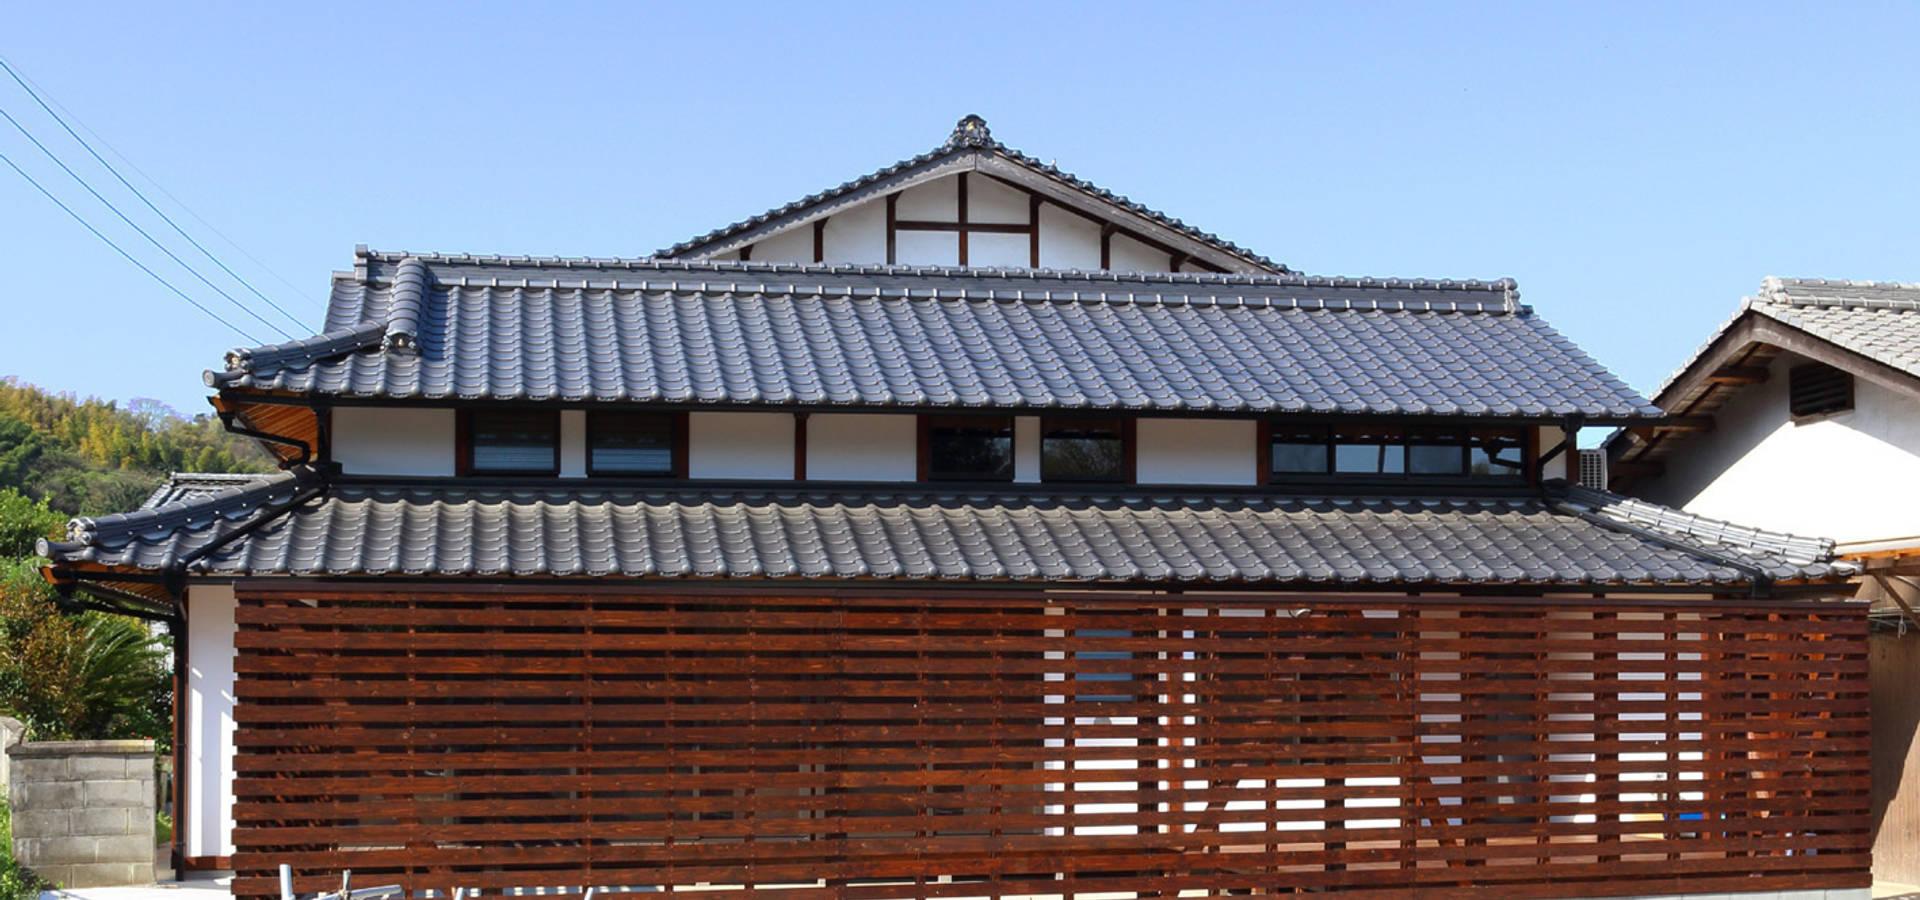 株式会社濱田昌範建築設計事務所